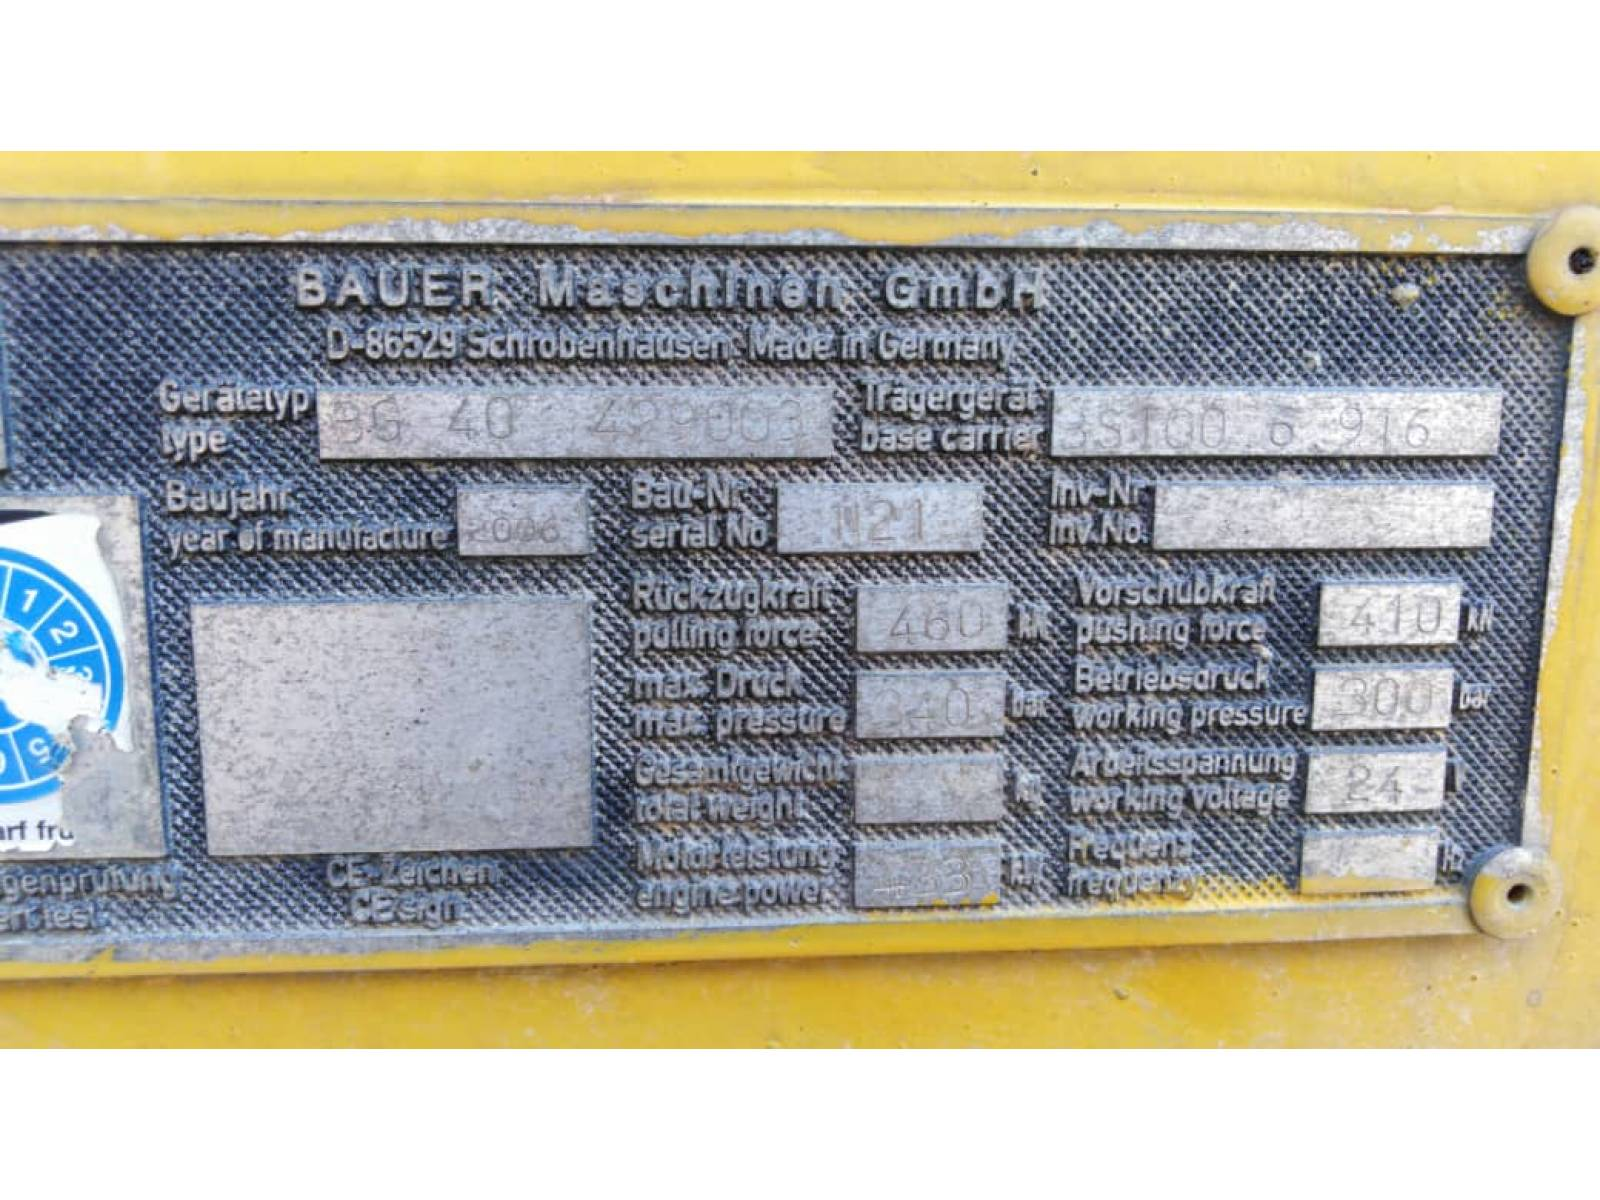 BAUER BG40 BORING RIG